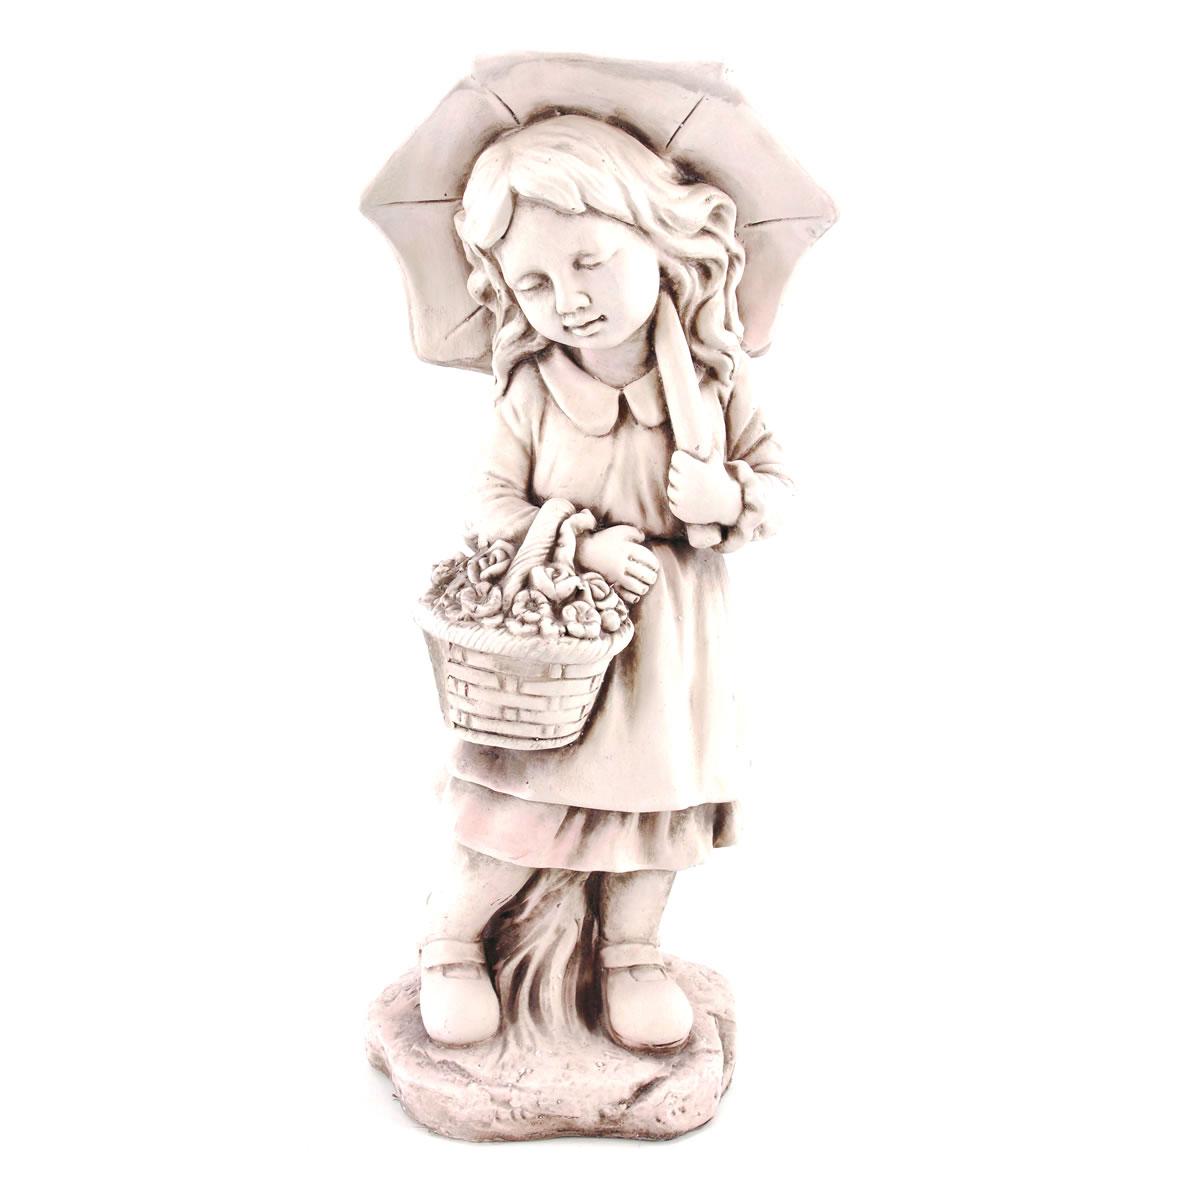 Gartenfigur Mädchen Mit Schirm Dekofigur Mädchenfigur Kinderfigur